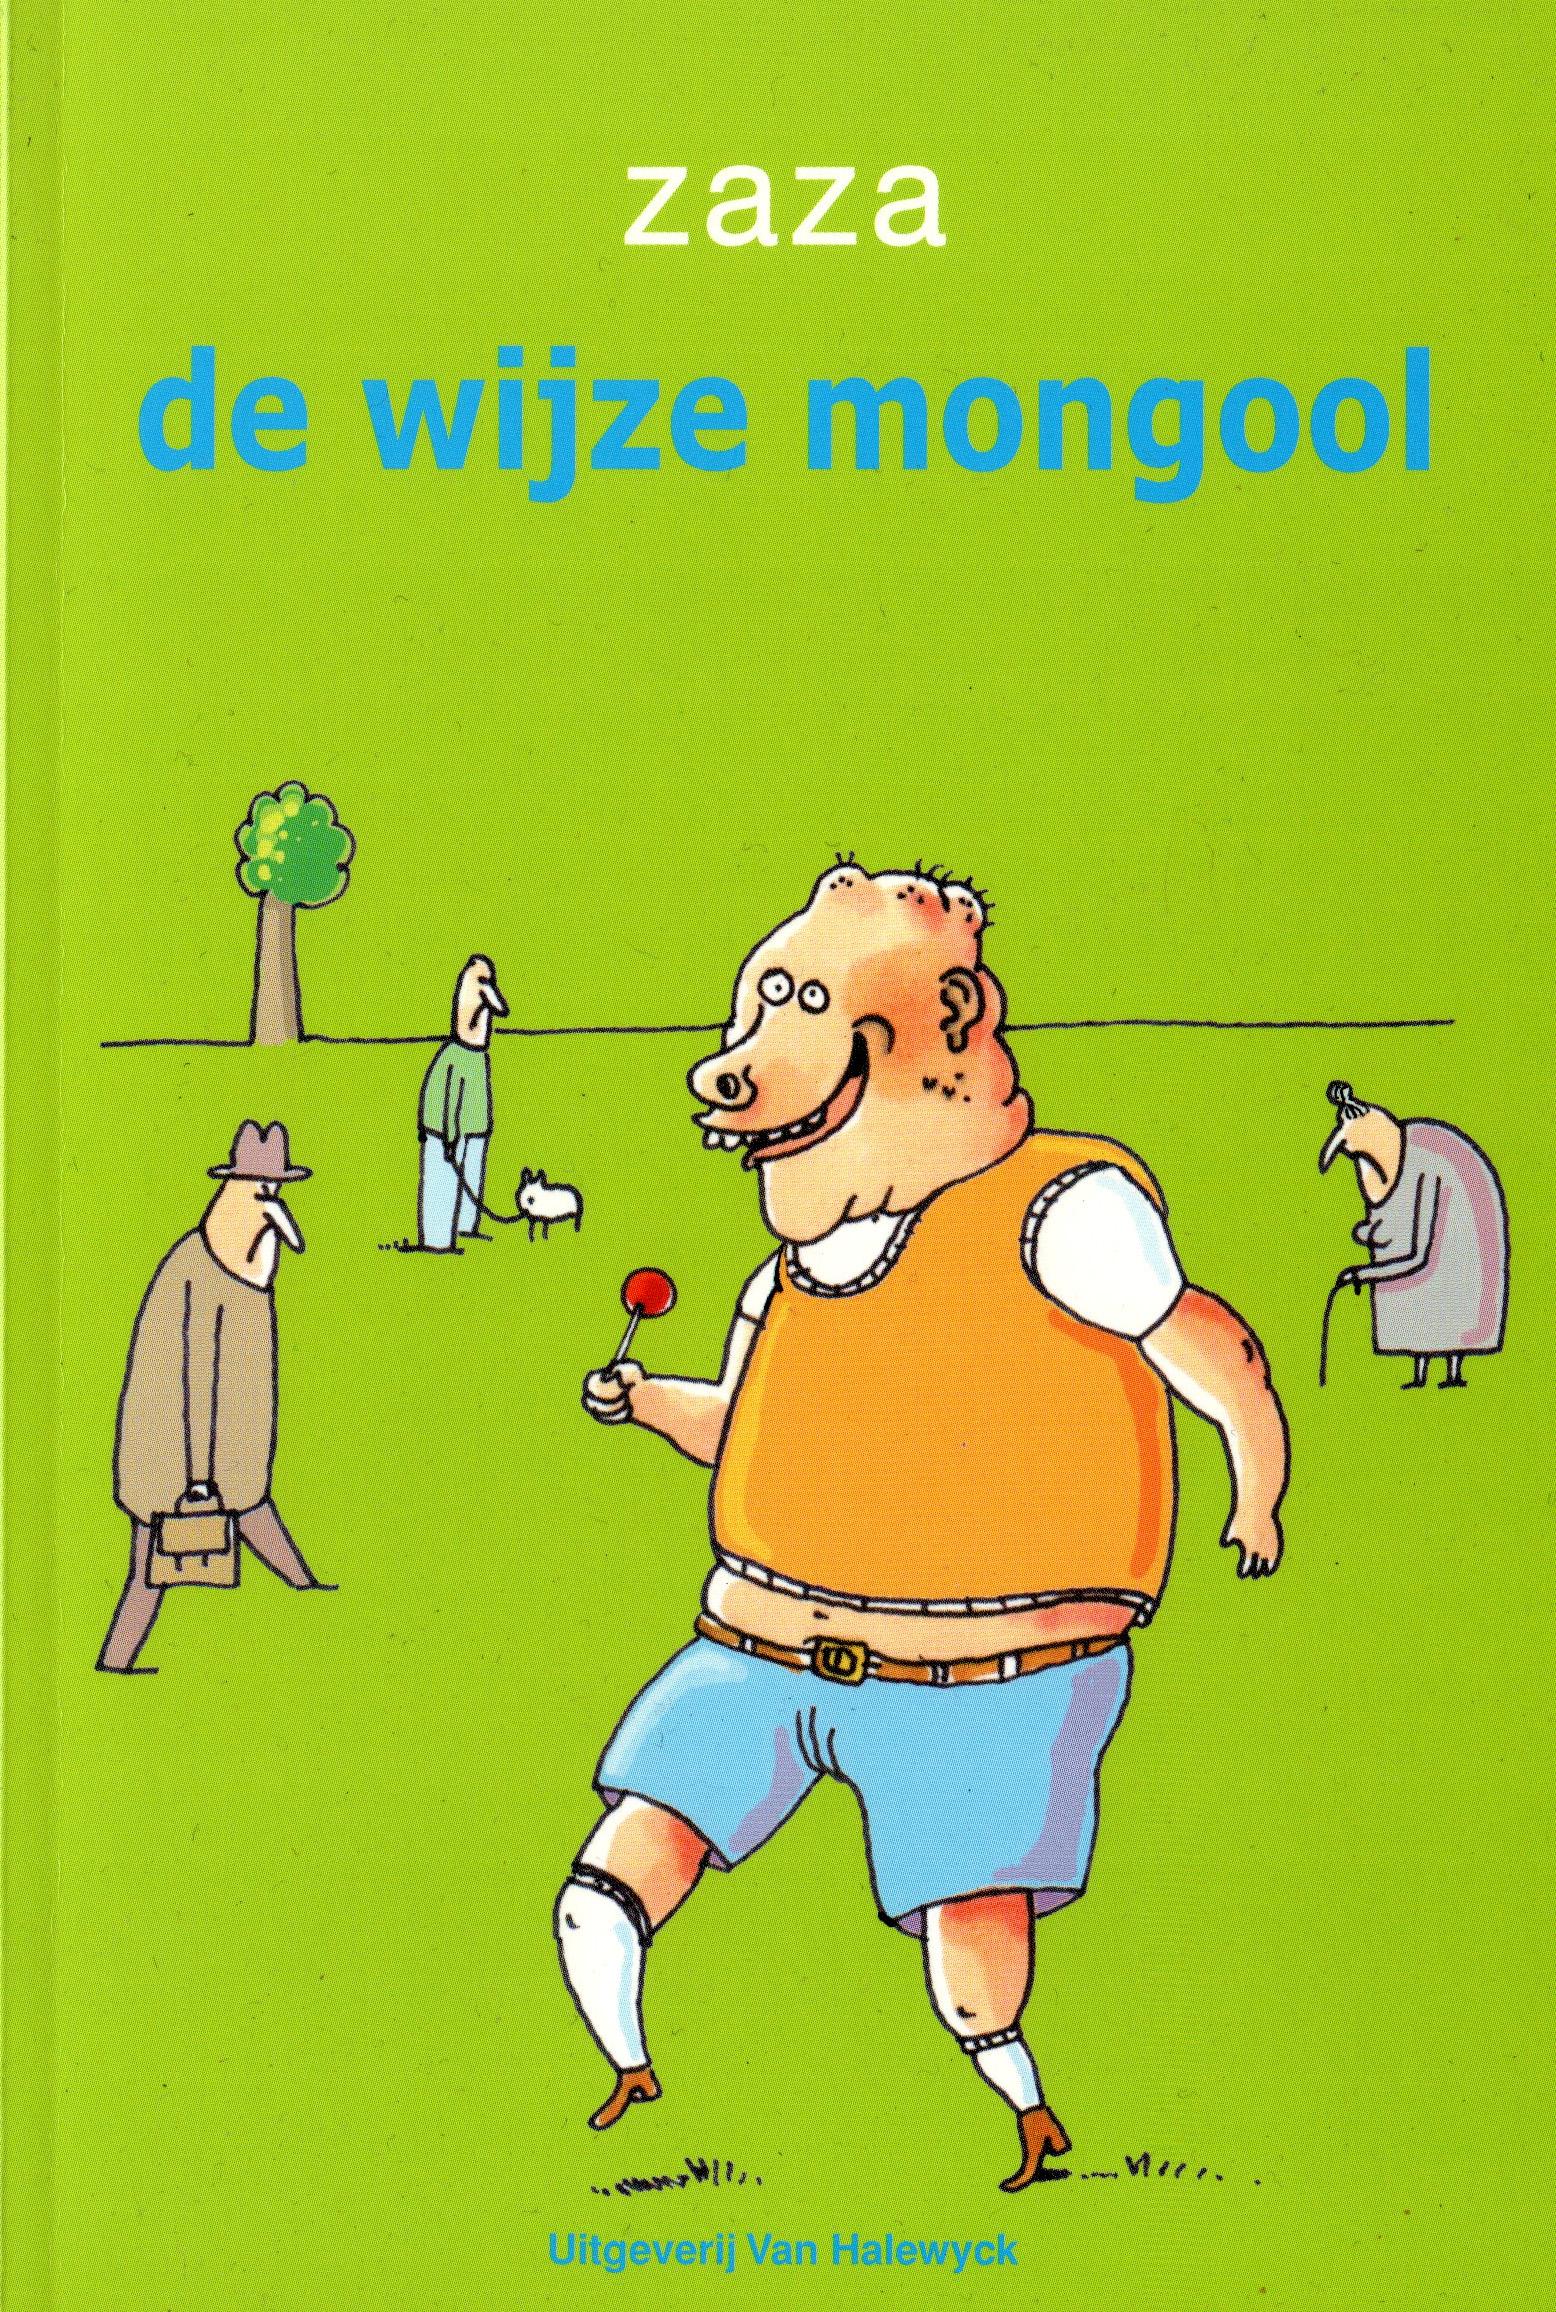 3de wijze mongool.jpg